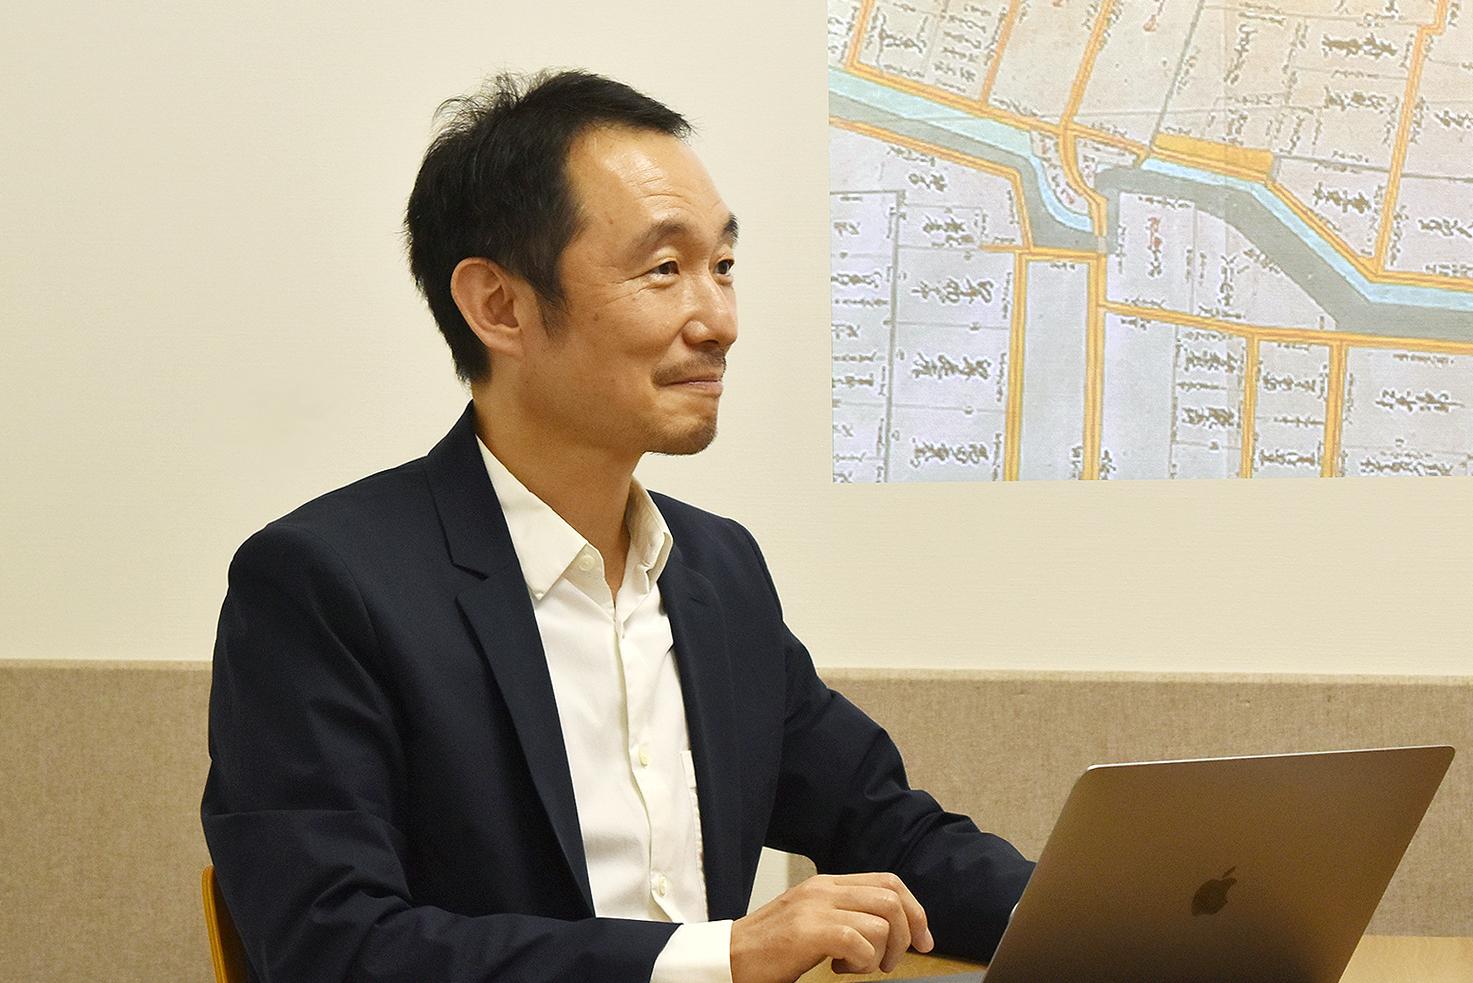 【金沢】「古今金澤」開発者・新田一也さん <br>〜過去と現在をつなぎ、未来を見つめる人〜